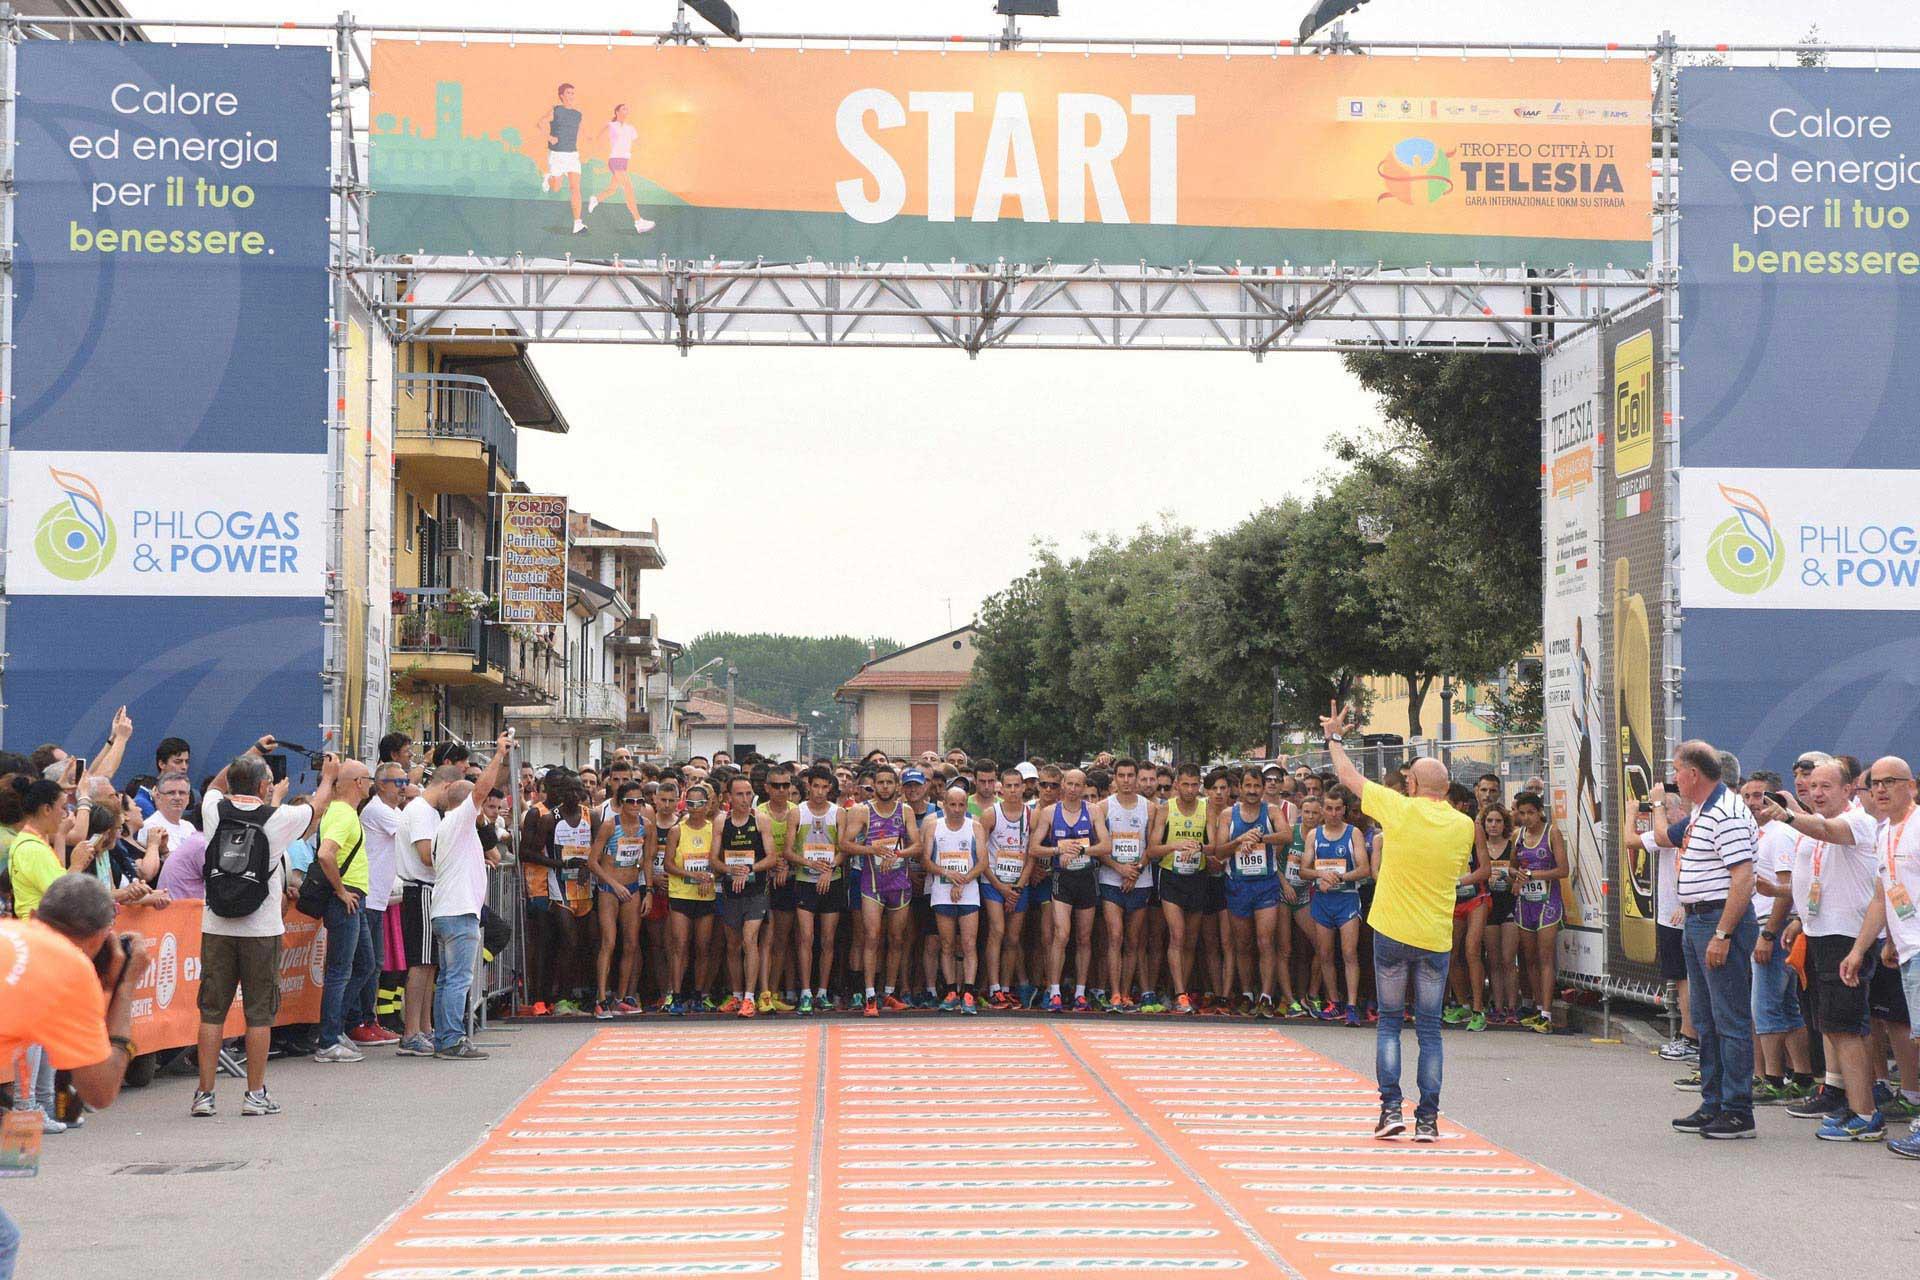 Dopo il trofeo 'Città di Telesia', la città termale ospita la mezza maratona